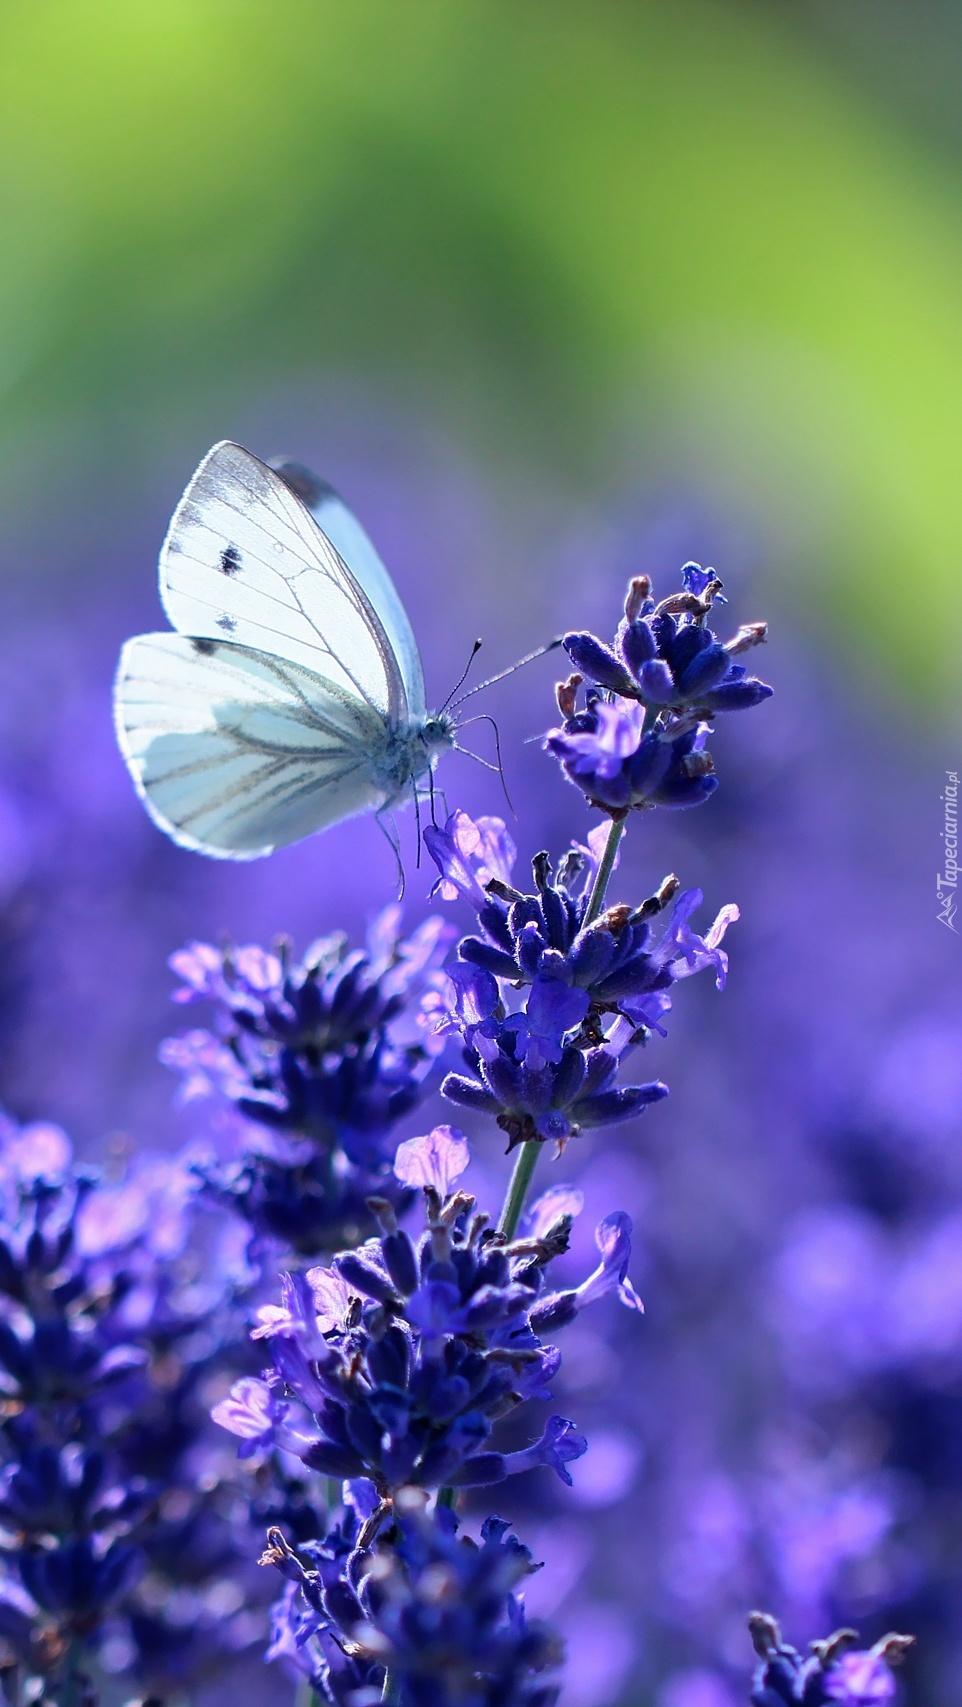 Motyl bielinek przysiadł na lawendzie